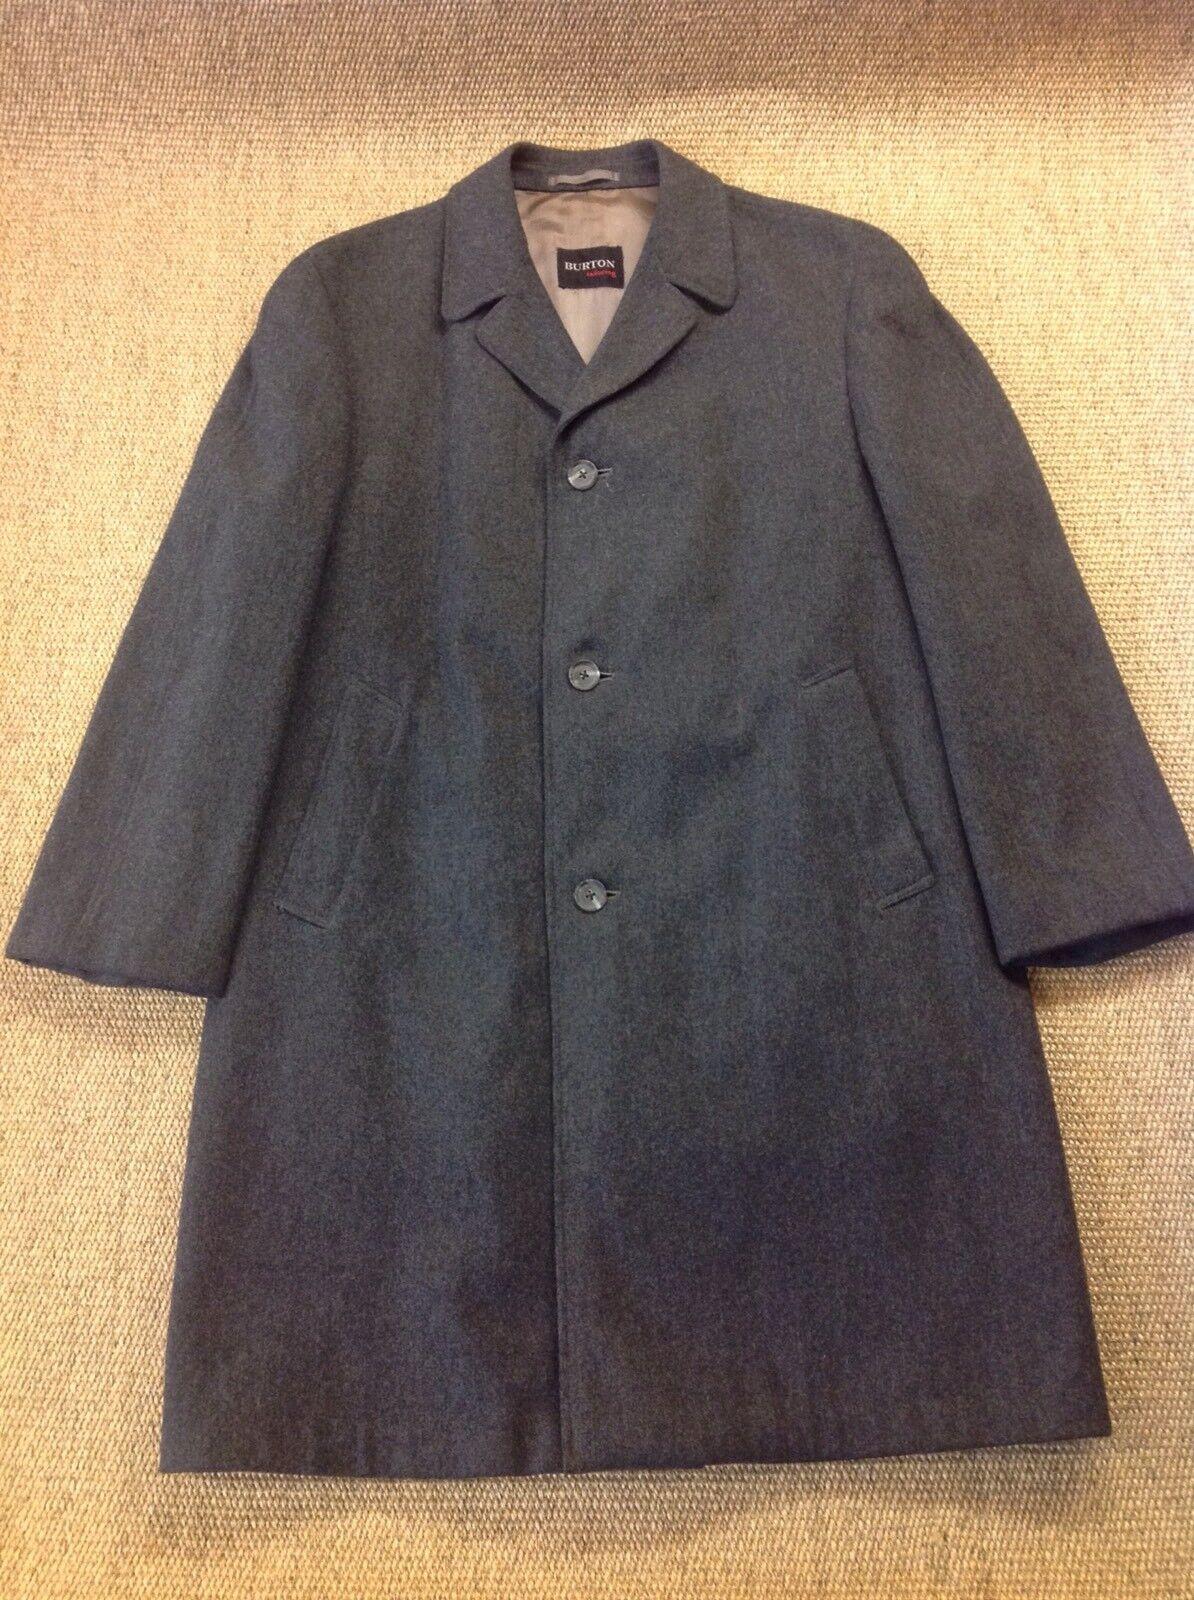 Men's BURTONS Small-Medium Vintage Dark Grey Crombie, Overcoat. Great Condition